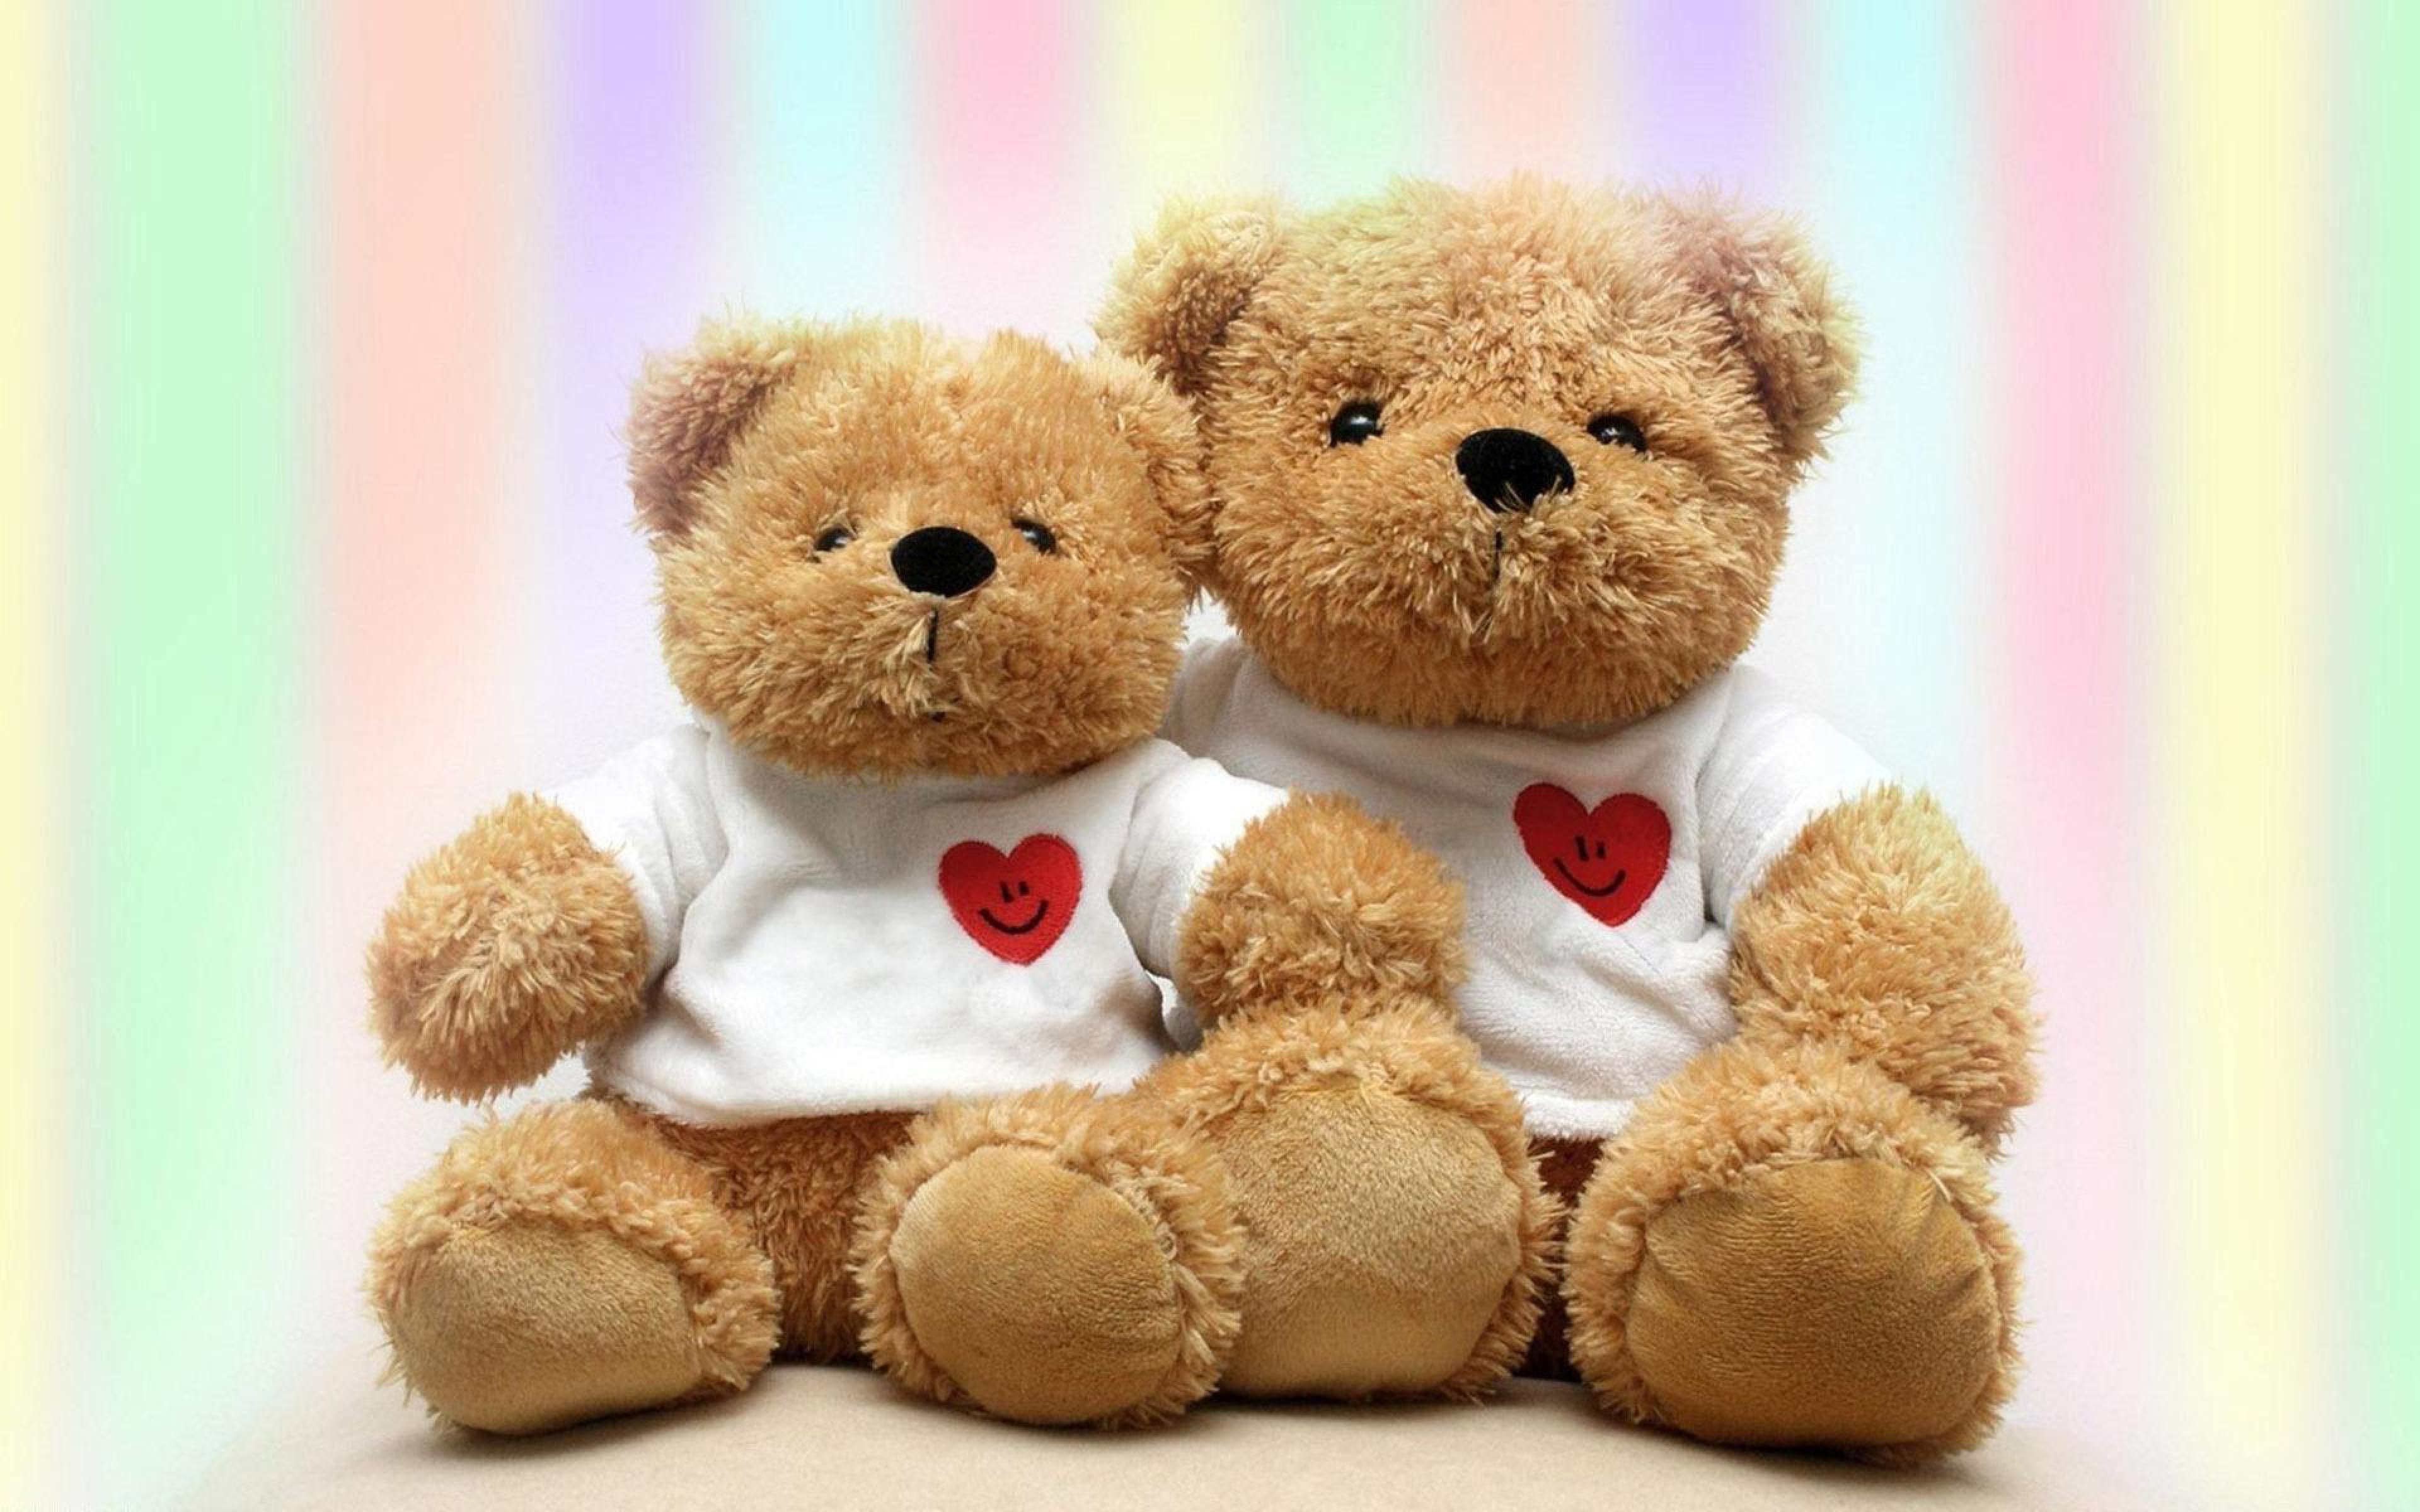 Bear Photography Love Teddy Teddy Bears